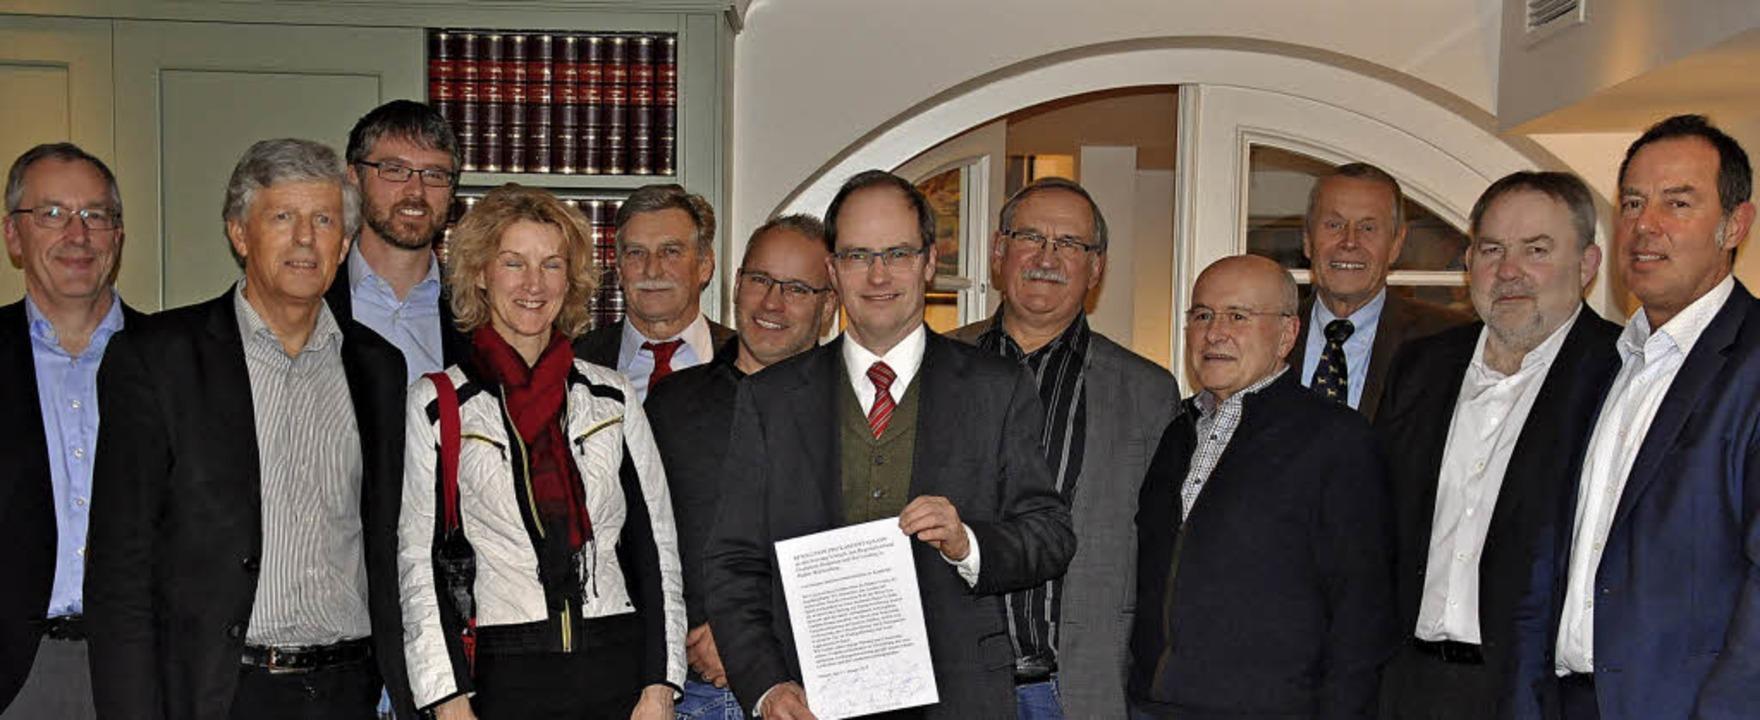 Bürgermeister Christian Renkert (Bildm... Kandertalbahn angestrebt werden soll.  | Foto: Jutta Schütz